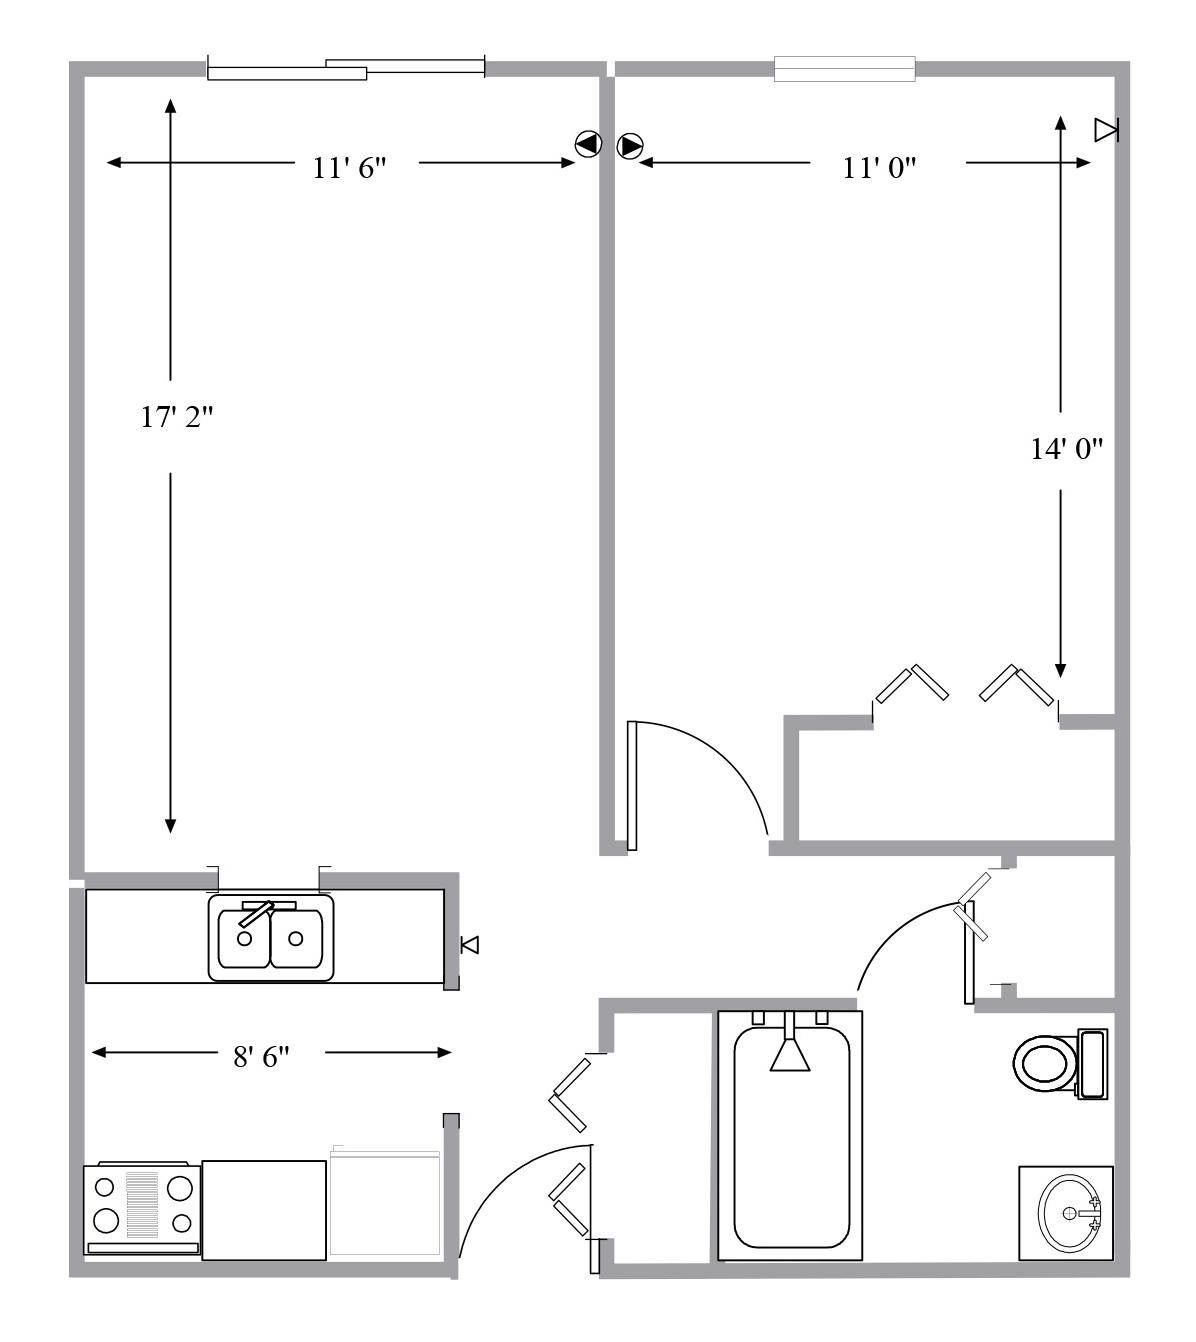 royer-garden-one-bedroom